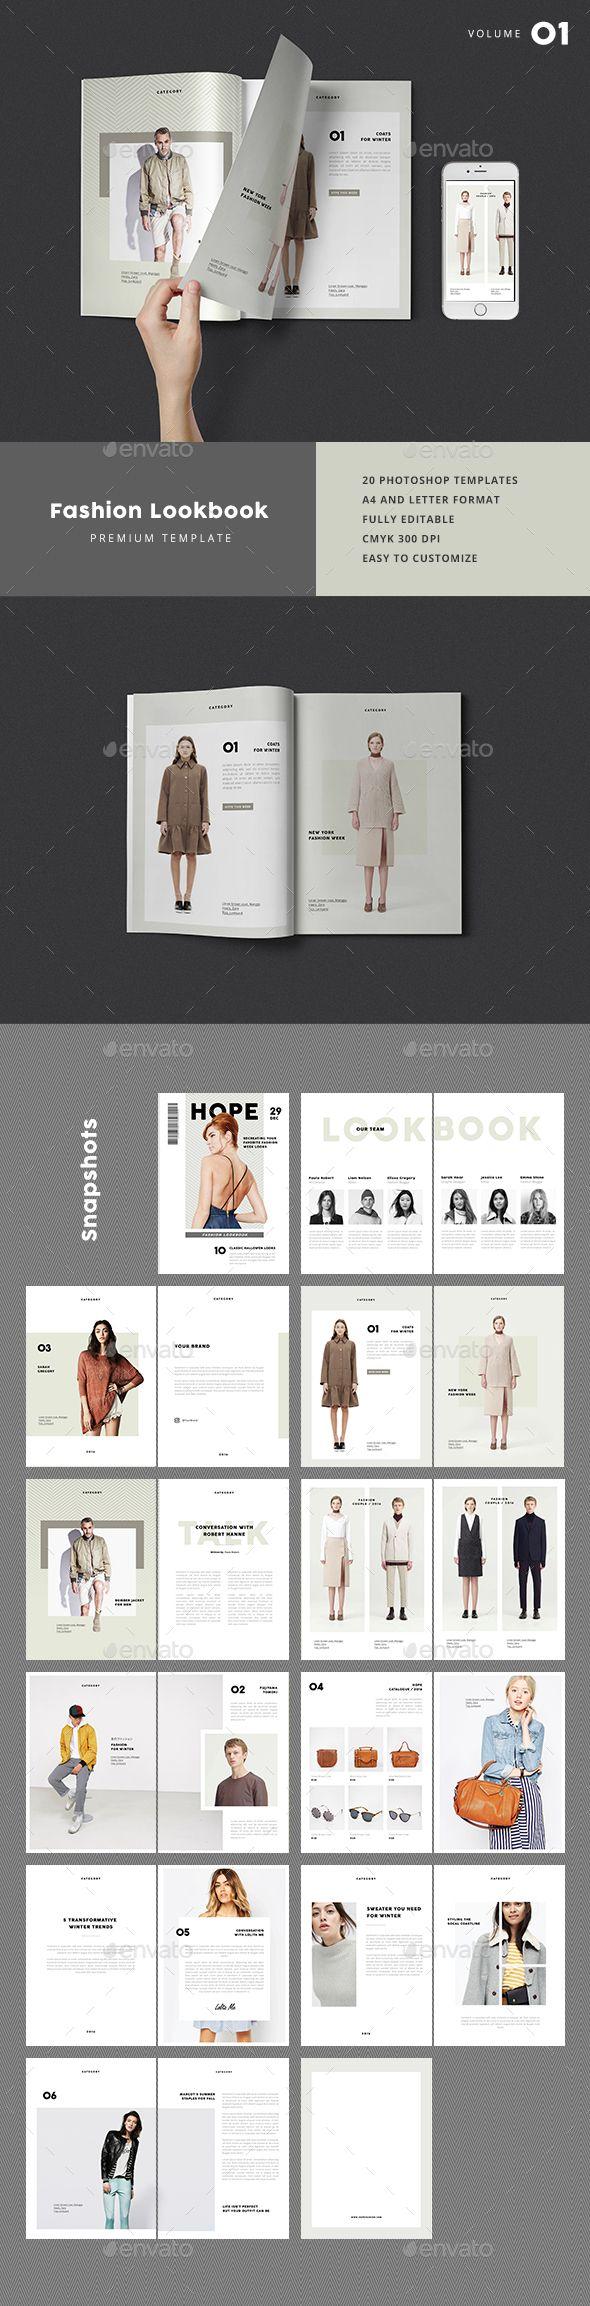 lookbook templates download